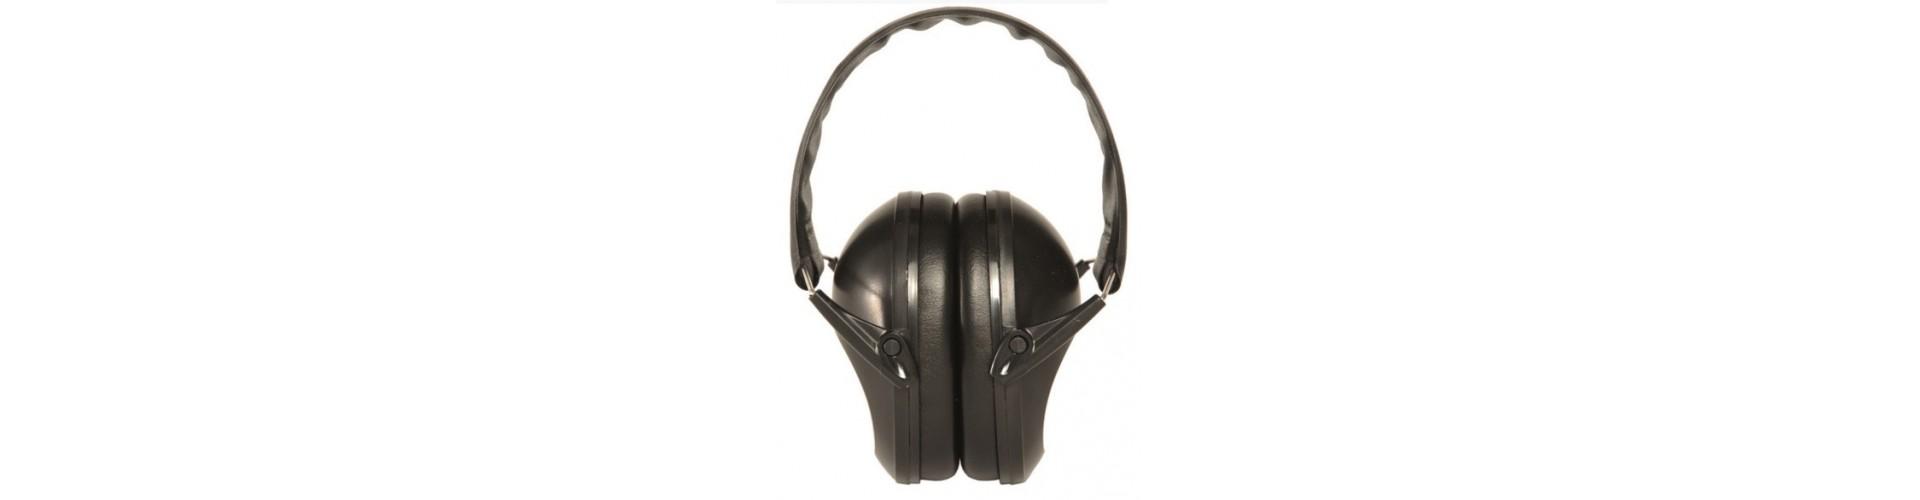 Høreværn og skydebriller - Køb høreværn og skydebriller til jagt og flugtskydning